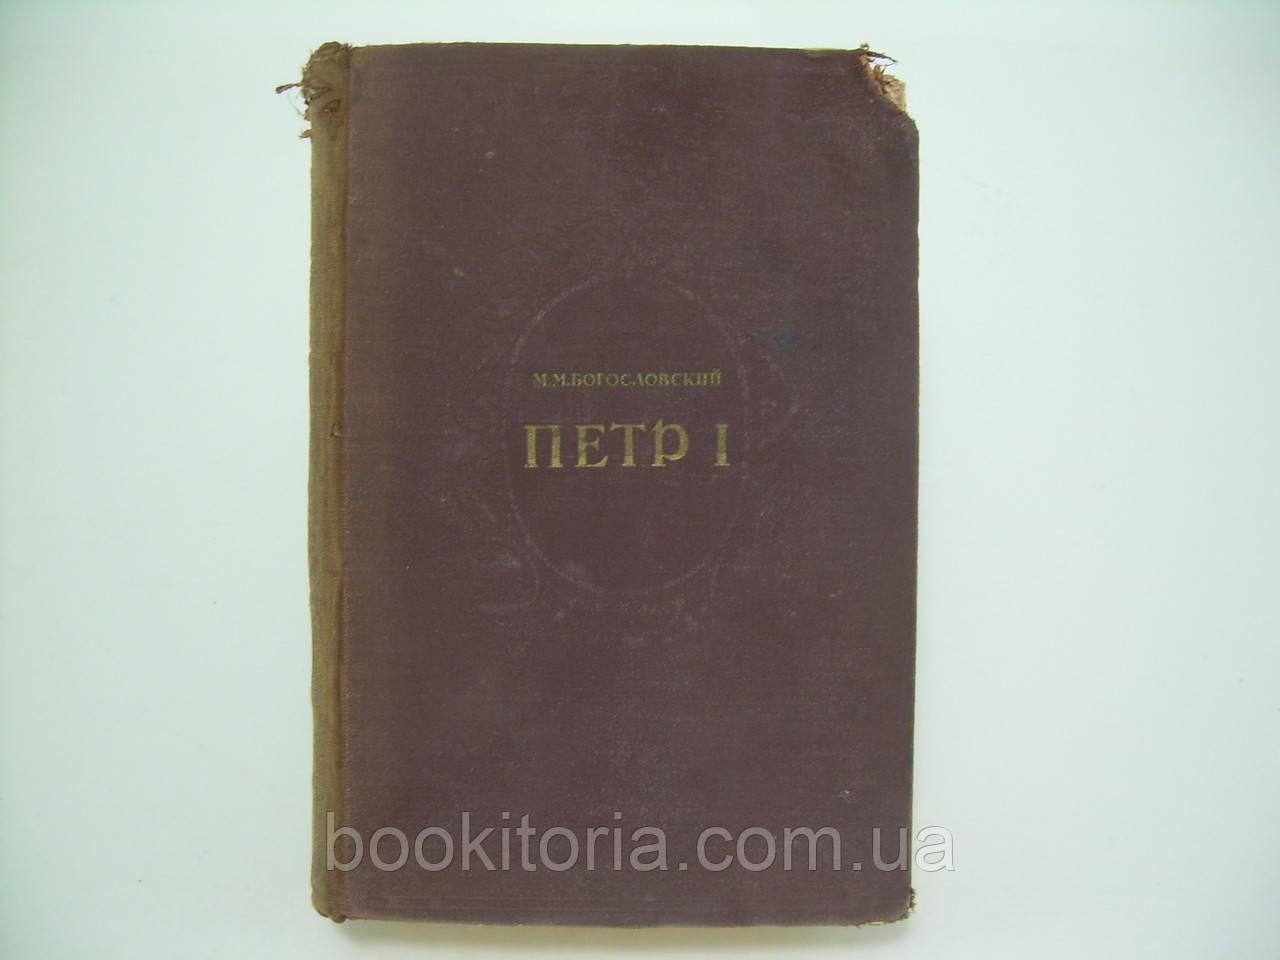 Богословский М.М., акад. Петр I. Материалы для биографии: В 5-ти т. Том 2 (б/у).